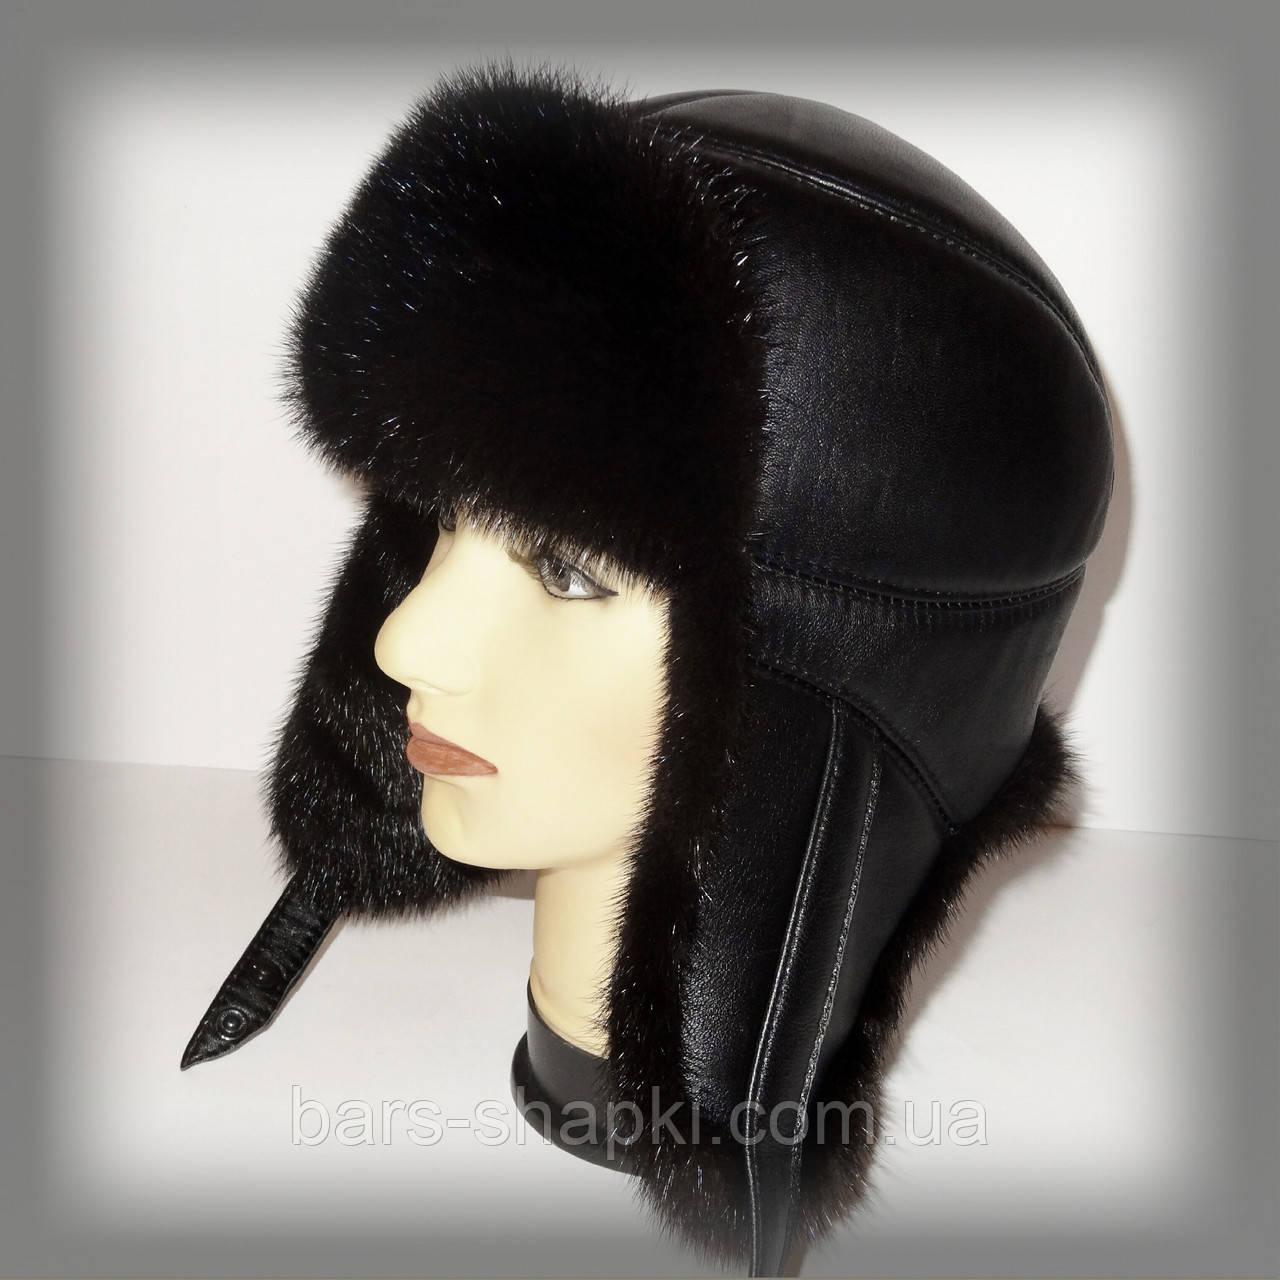 Мужская норковая шапка ушанка